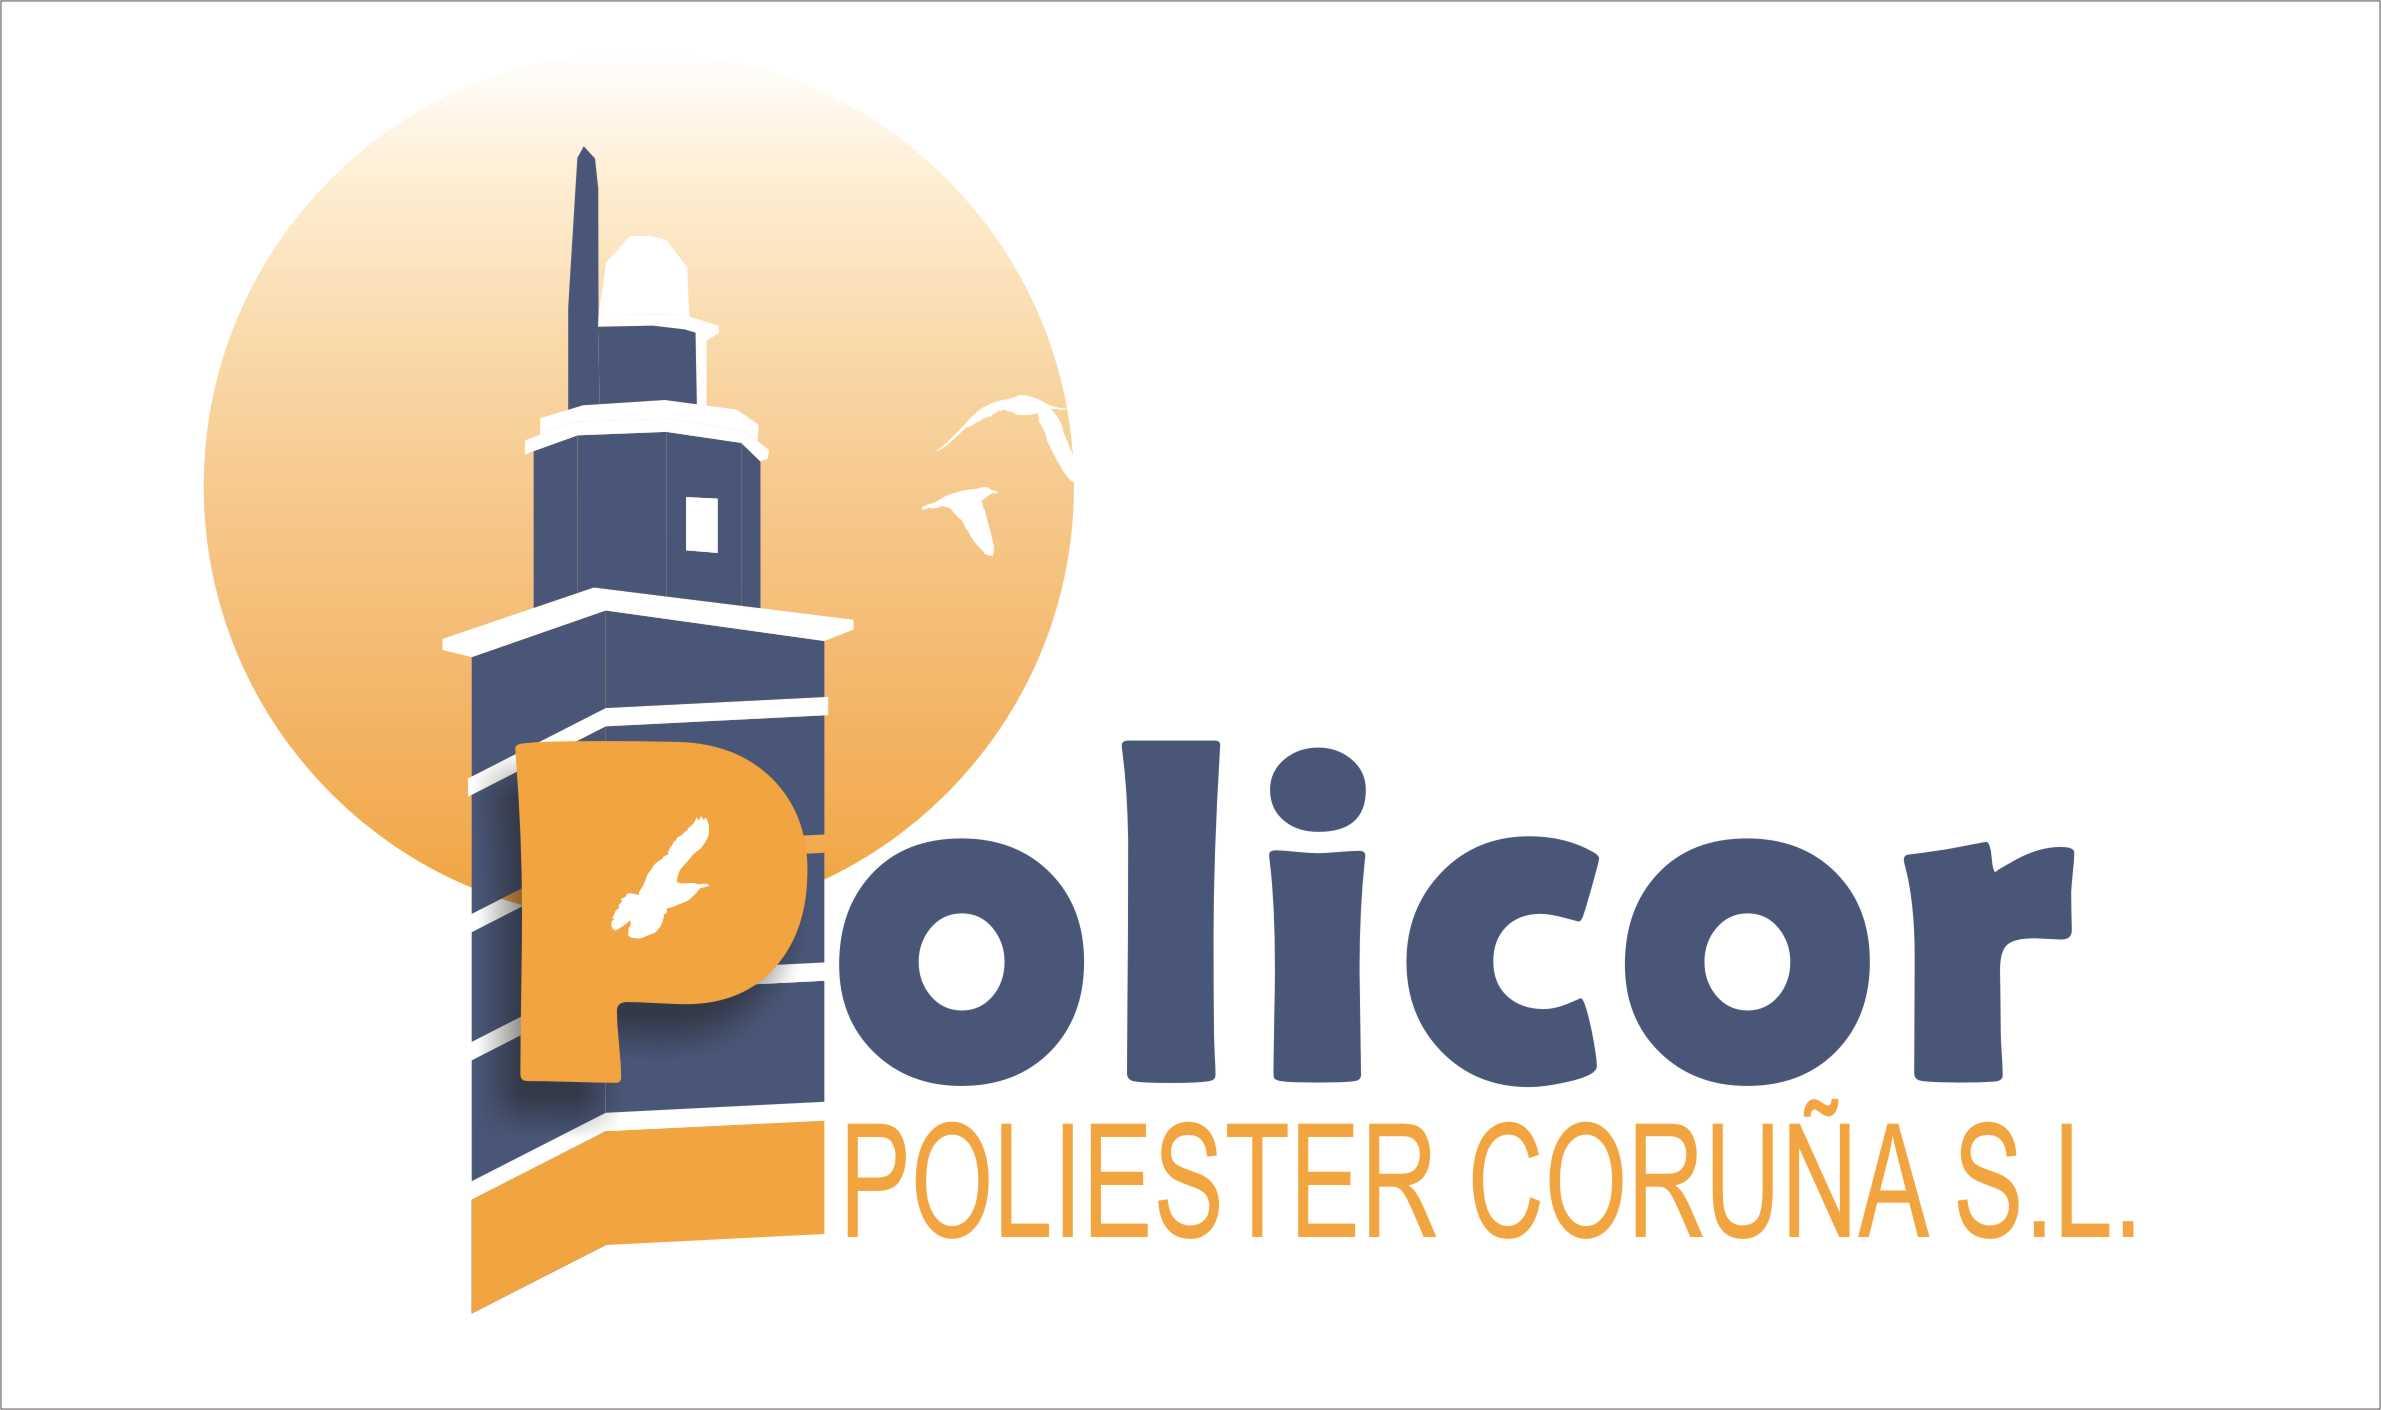 Policor